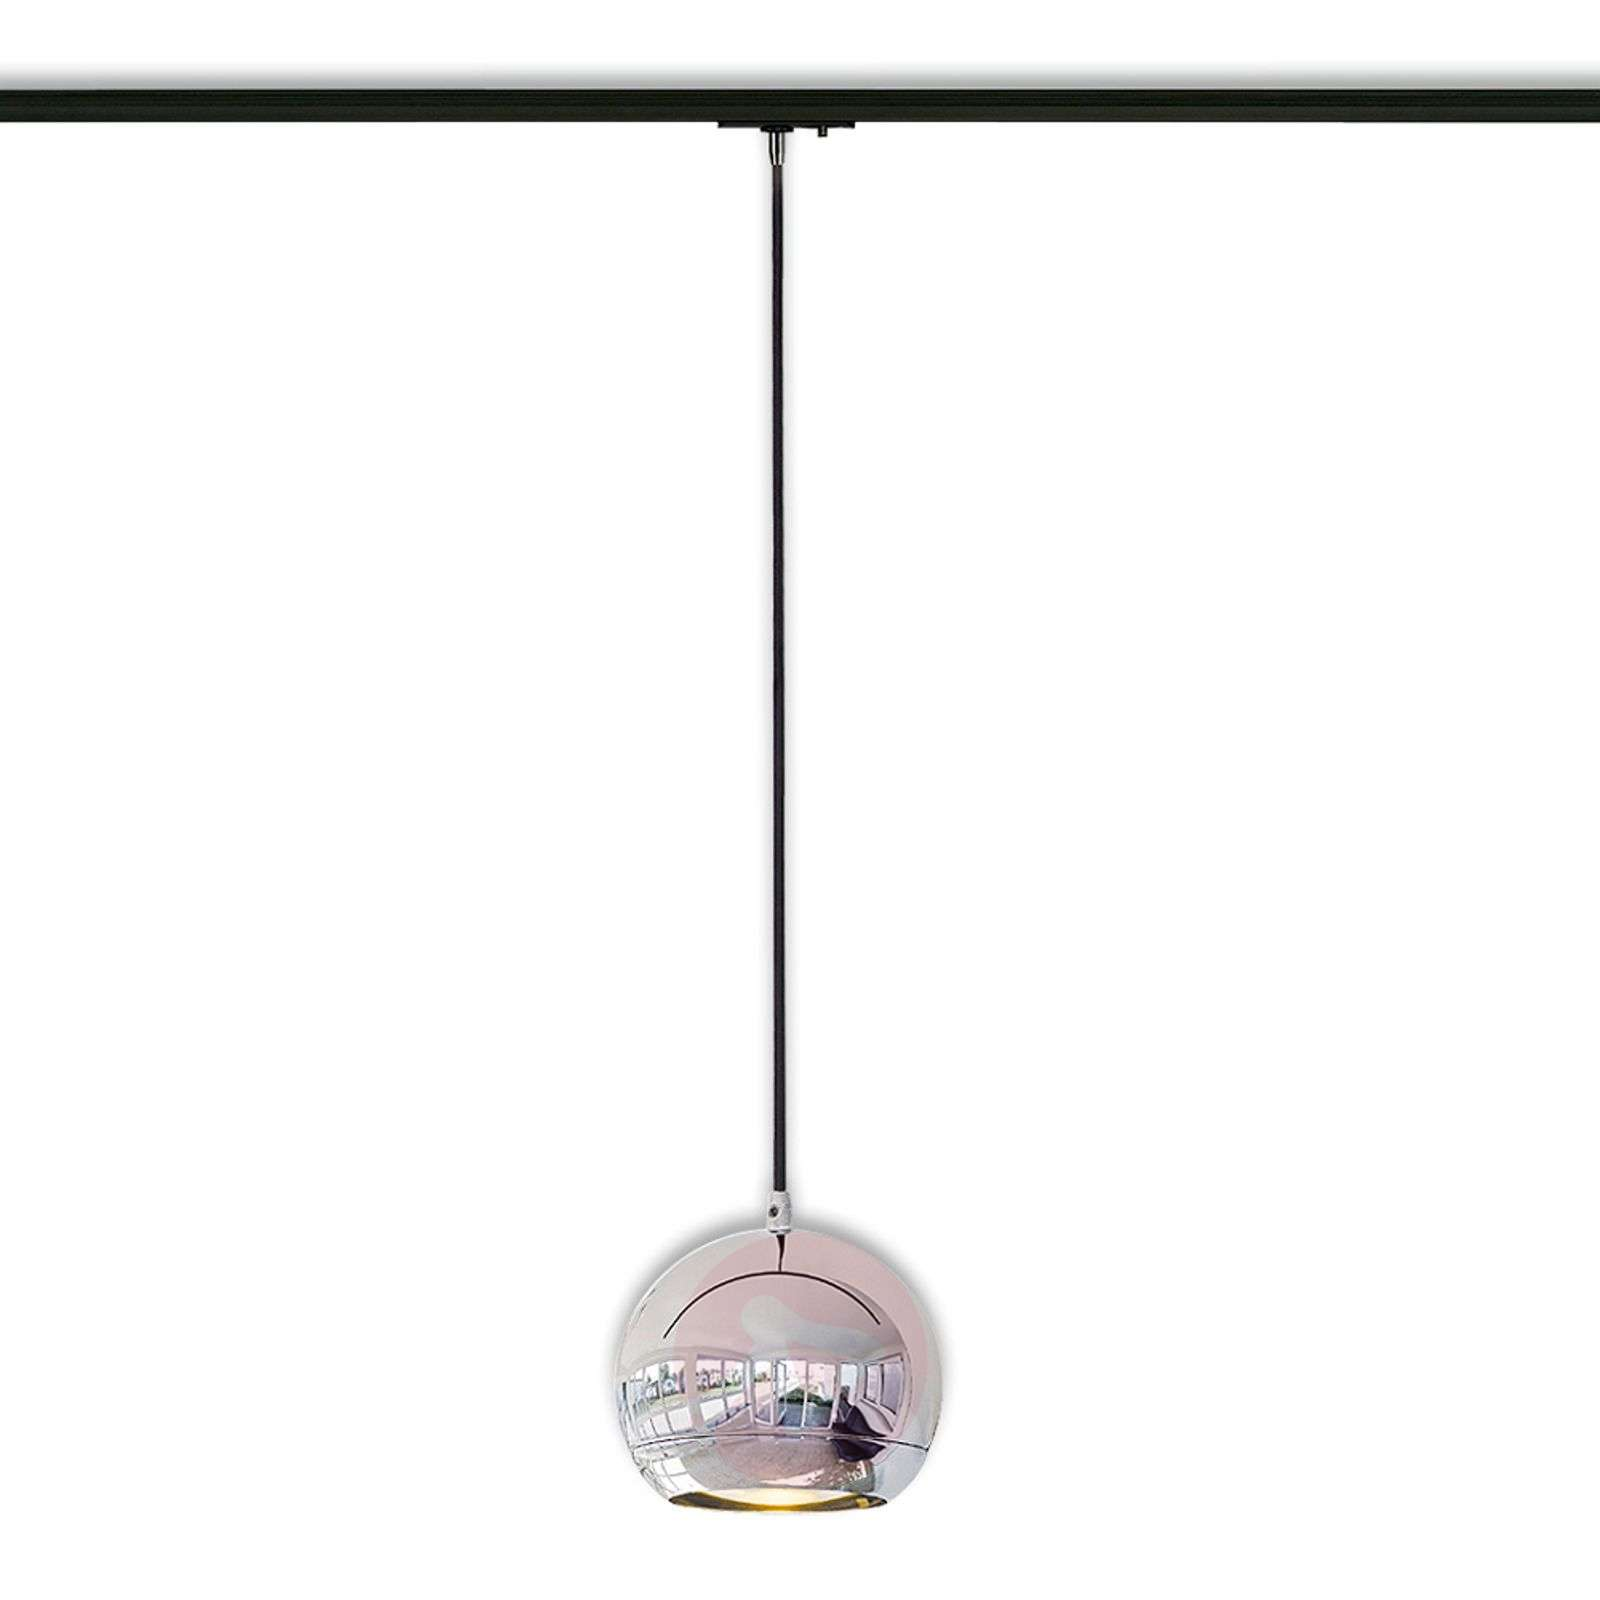 track pendant lighting. Light Eye Chrome Pendant For Track Lighting-5504535-01 Lighting 4